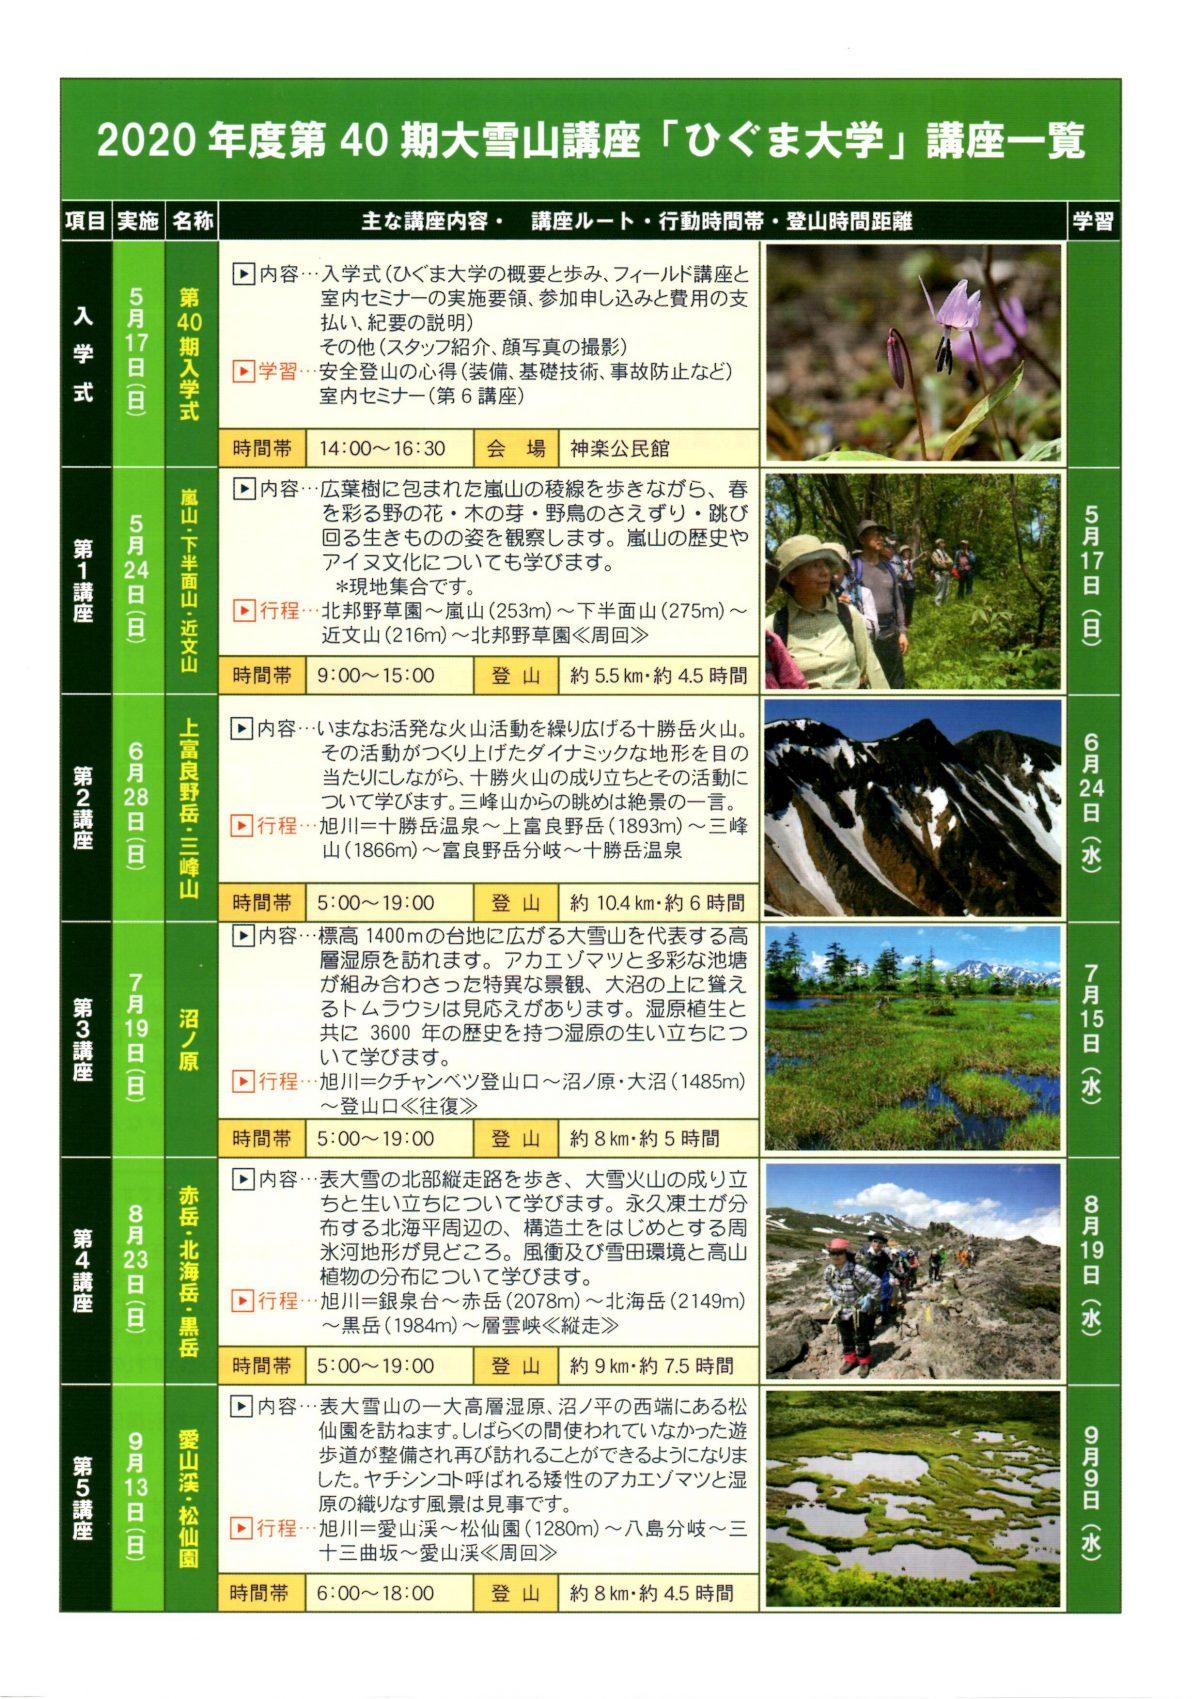 ひぐま大学 2020年度募集要項と講座一覧 -4月10日申込開始 -